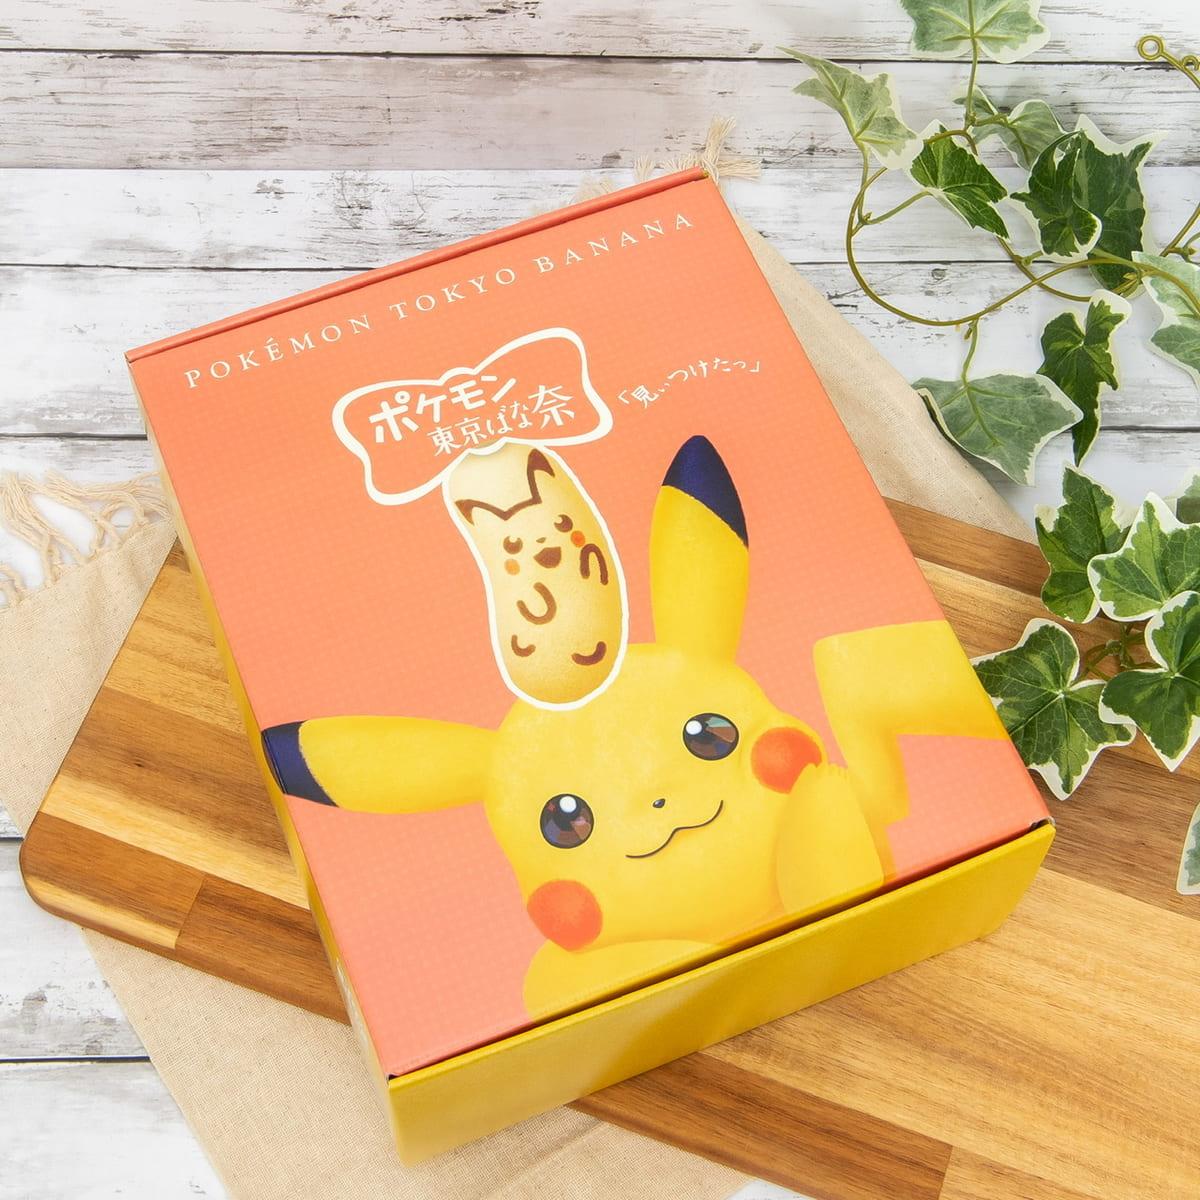 『ピカチュウ東京ばな奈「見ぃつけたっ」バナナのみ風』でんげきBOX(12袋入)